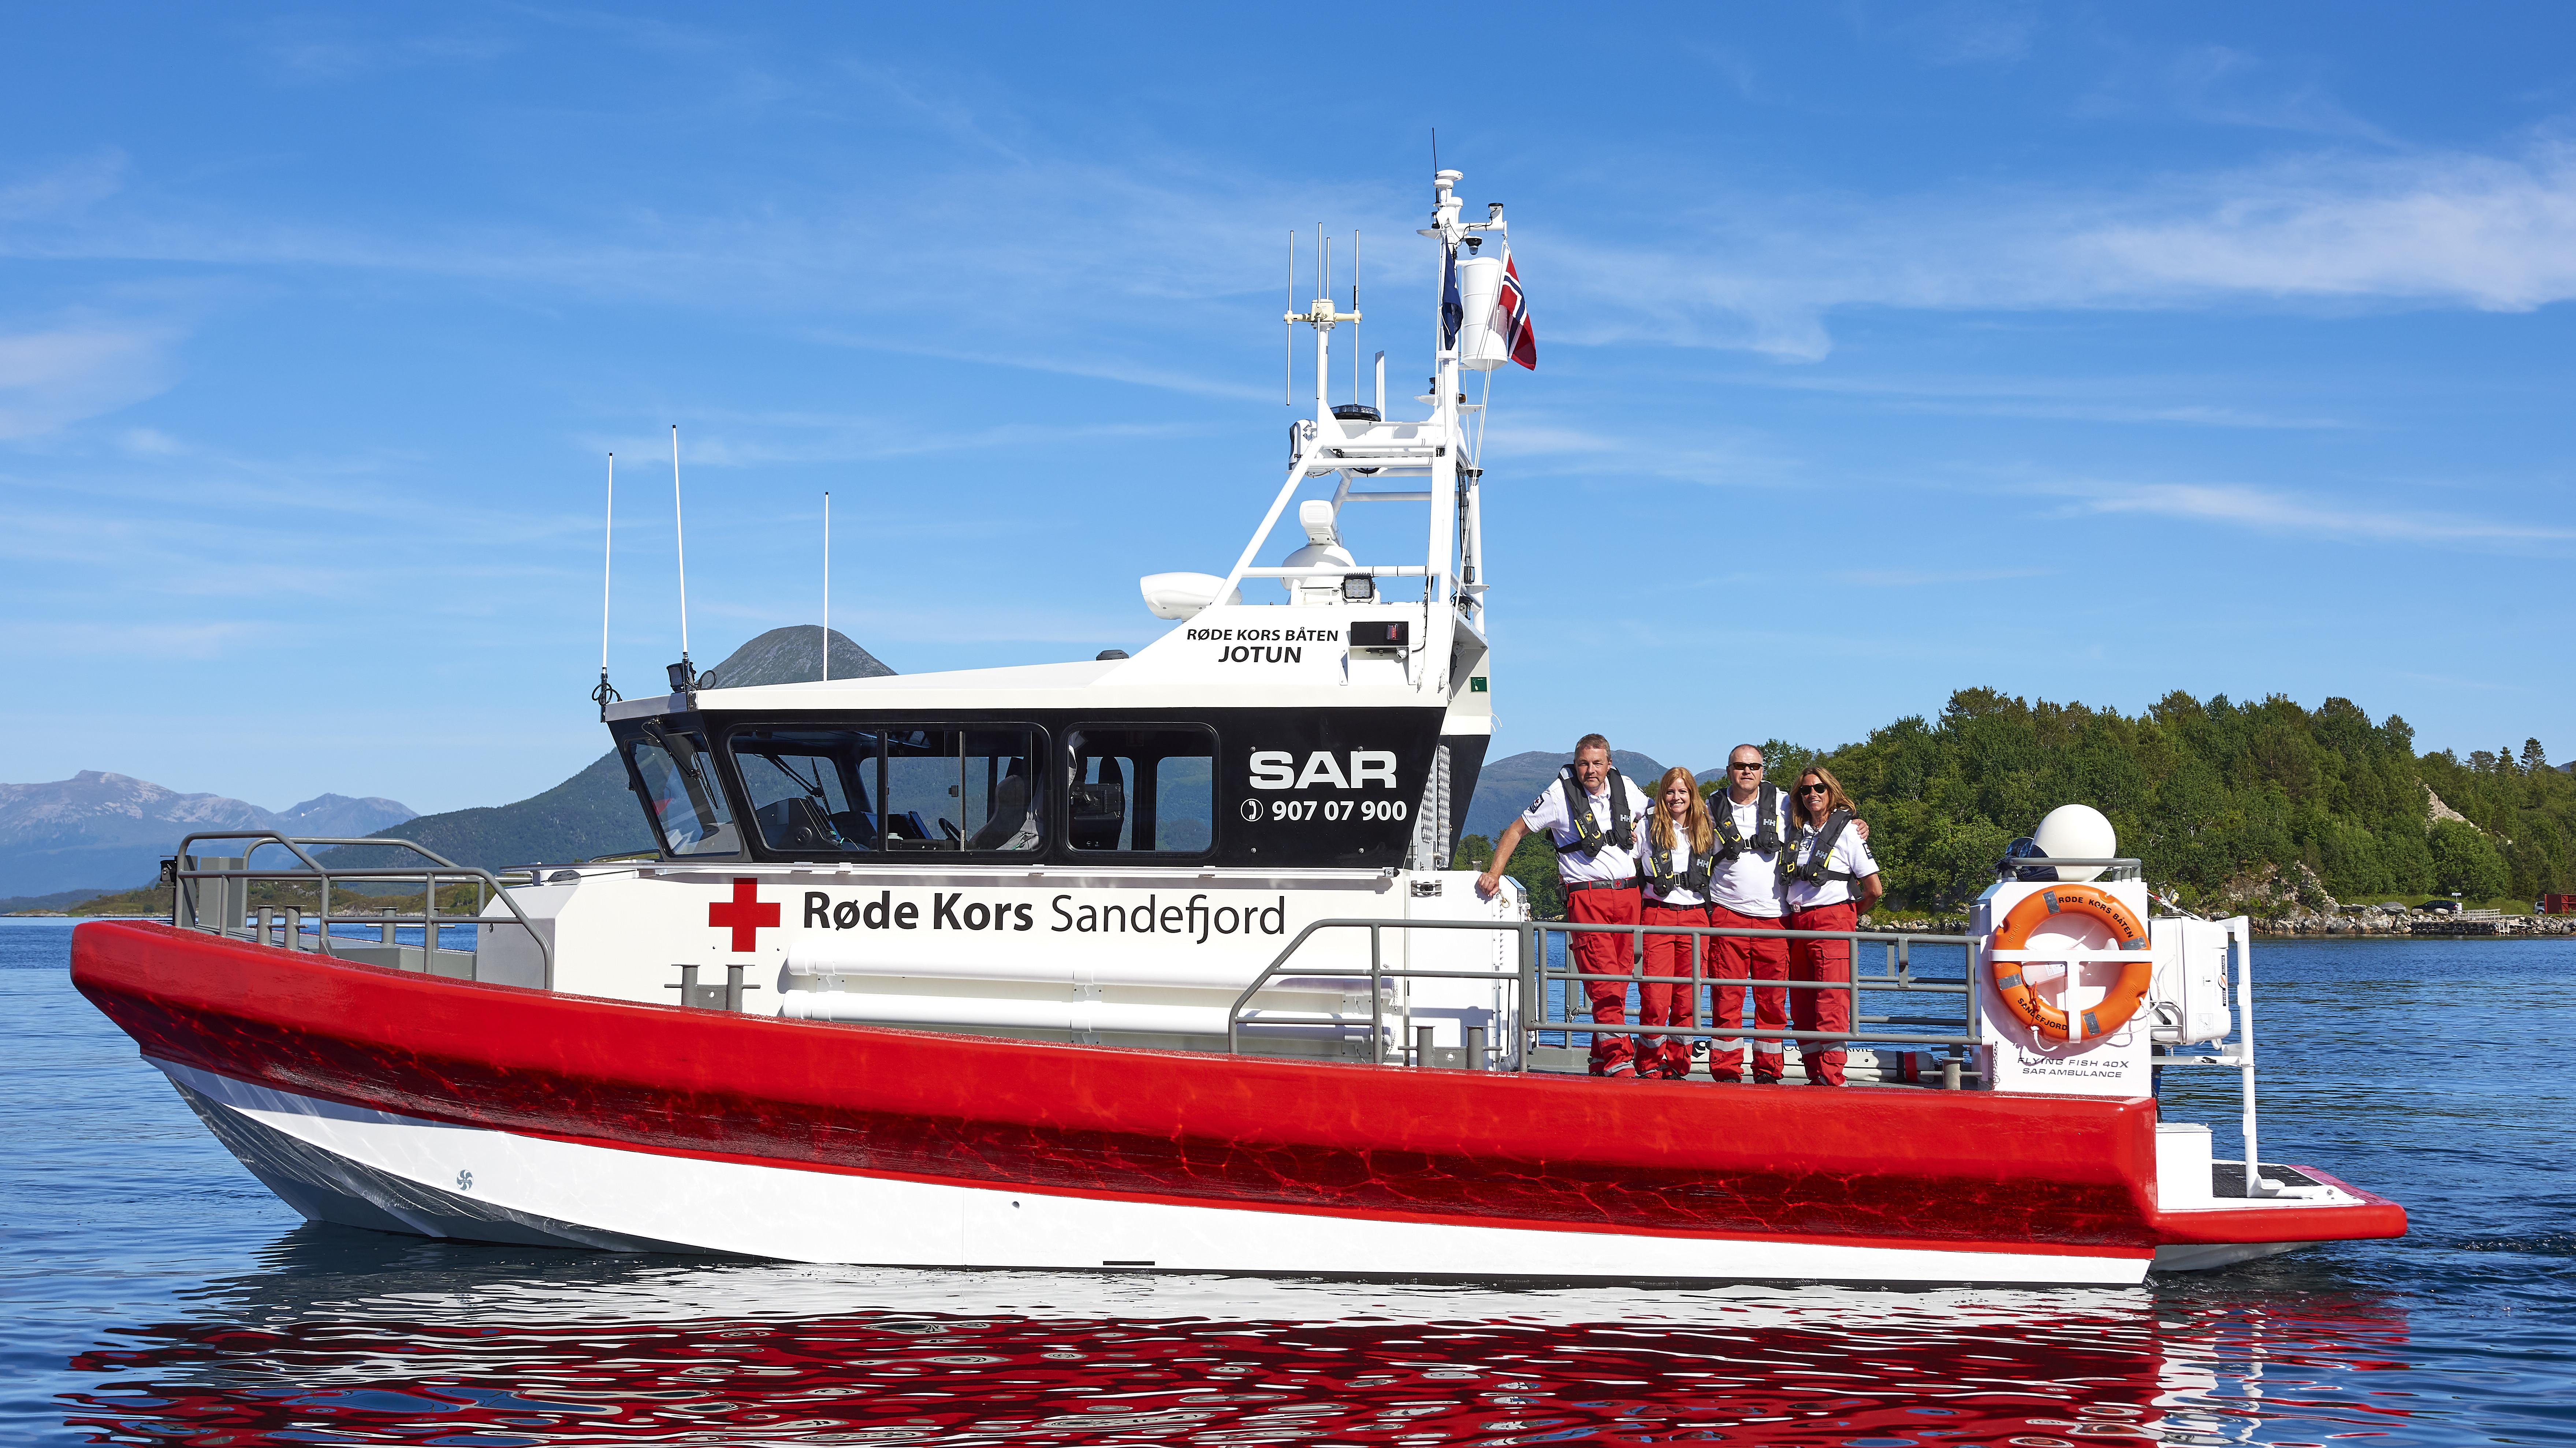 Bilde av Sandefjord Røde Kors